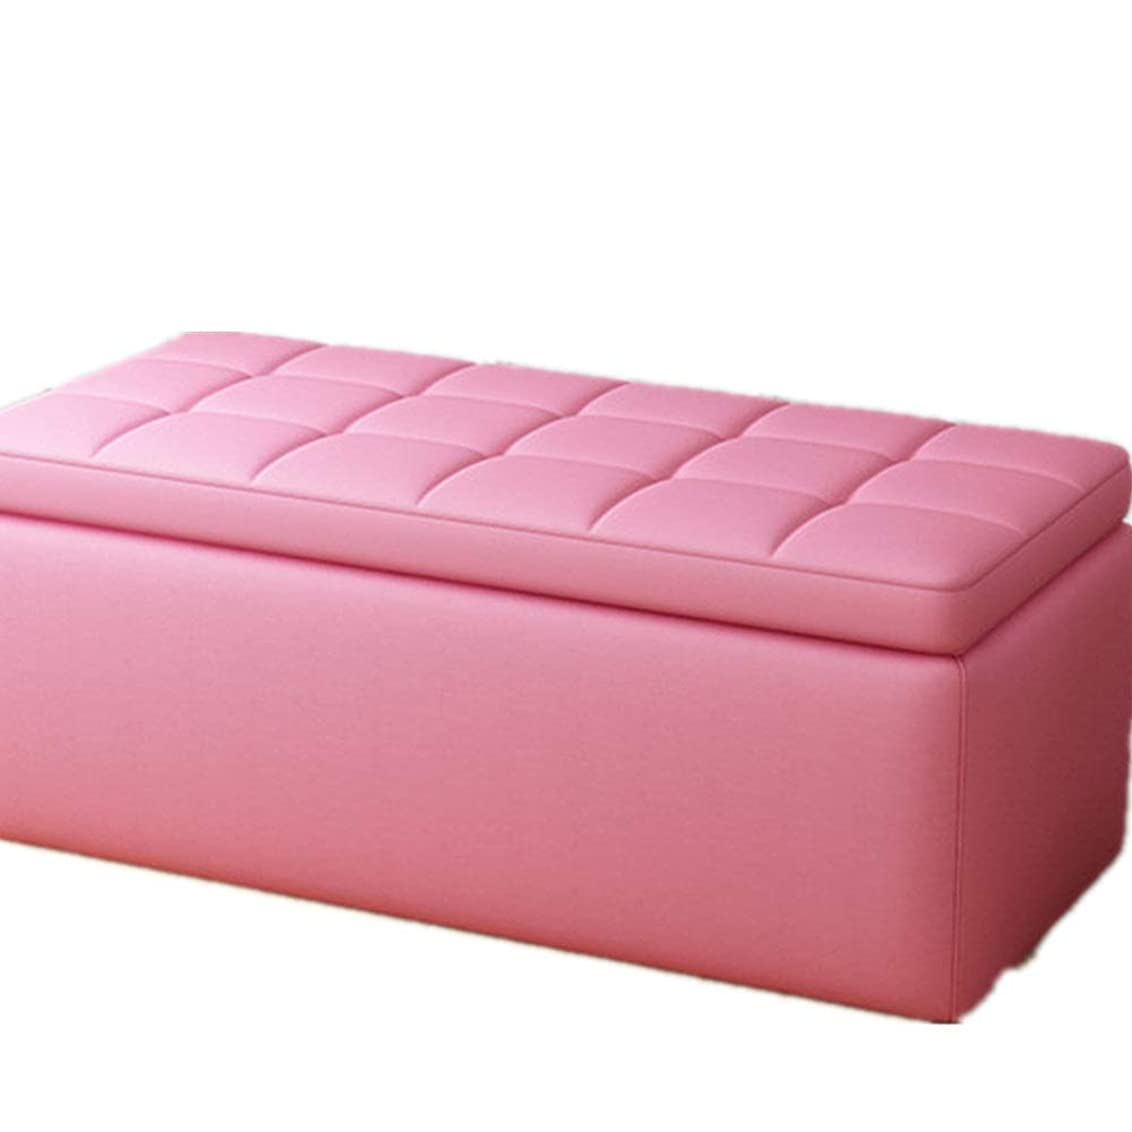 駅一口応答収納スツール のどの革リビングルームのソファスツール多目的ベンチで強い折りたたみ収納ボックス玩具箱 スツール (色 : ピンク, サイズ : 120*40*40CM)